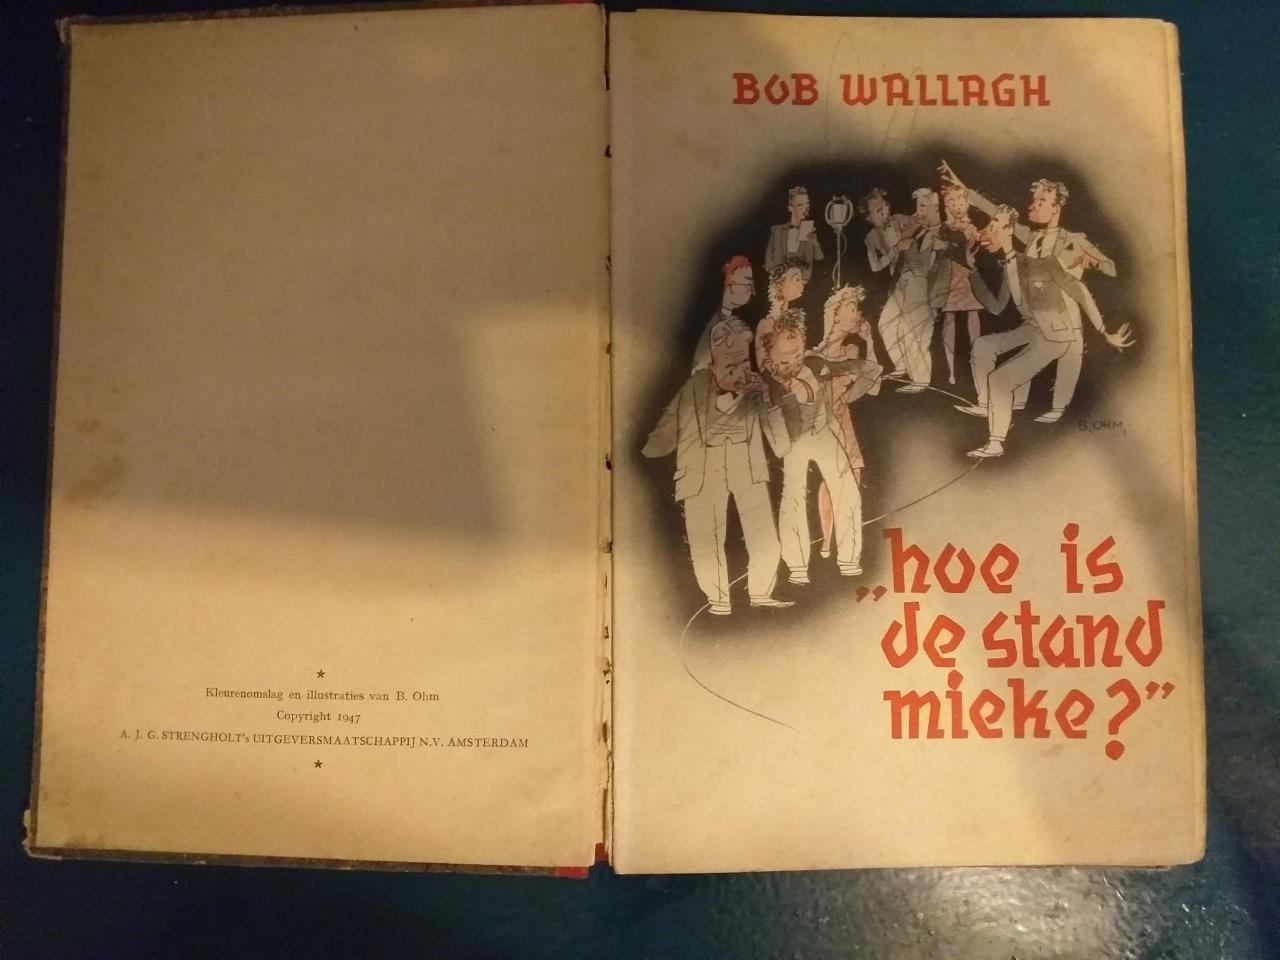 Wallach,Bob - Hoe is de stand, Mieke?